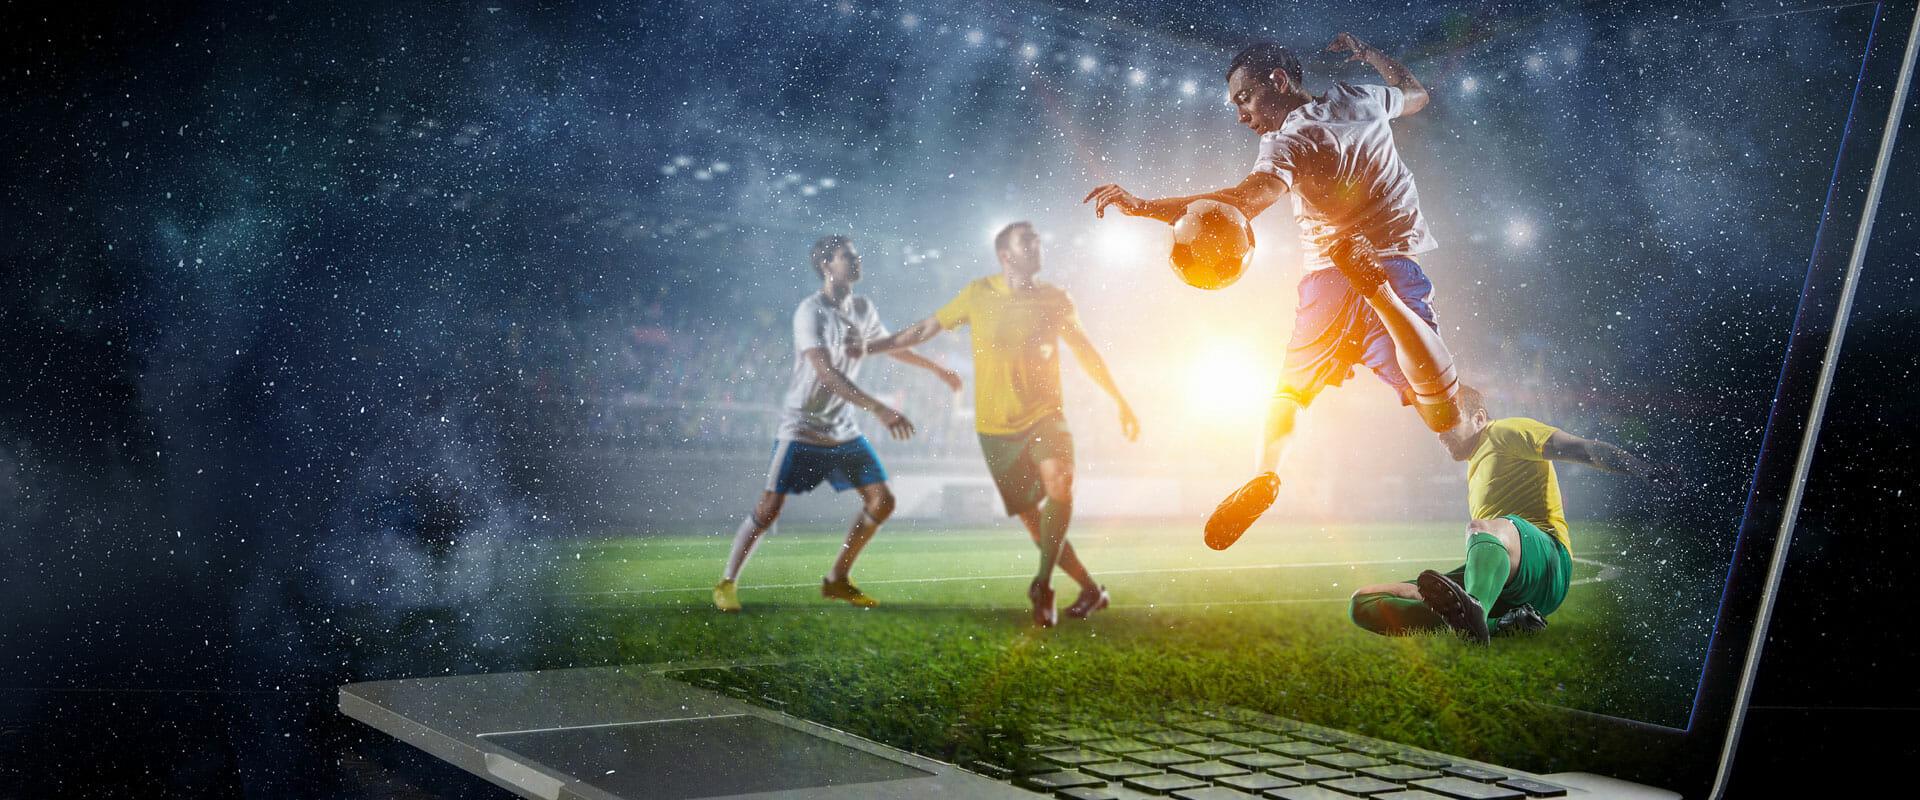 modello di monetizzazione nello sport